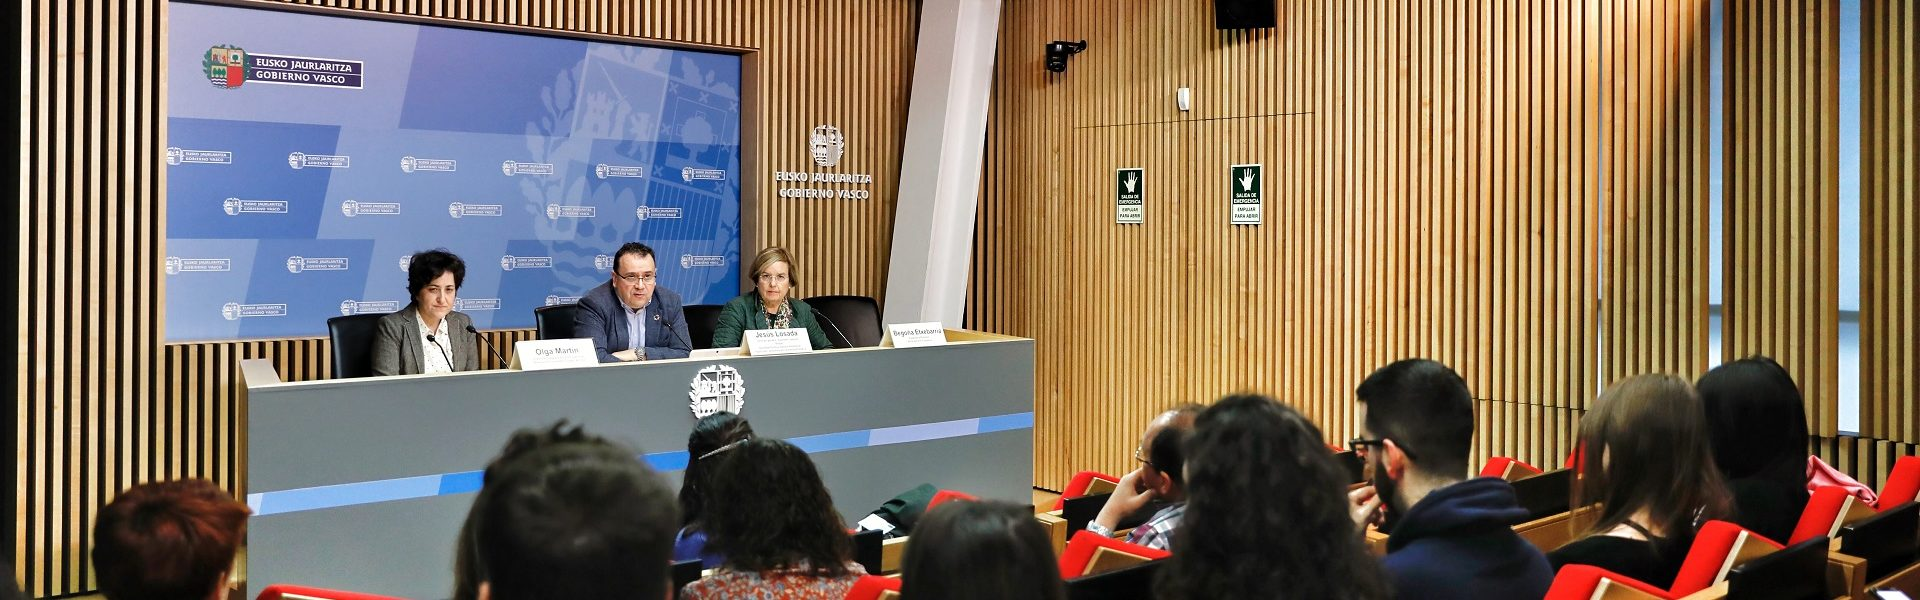 Ihobe, Aclima y NSF ponen en marcha un programa de prácticas para fomentar el empleo juvenil en el sector ambiental